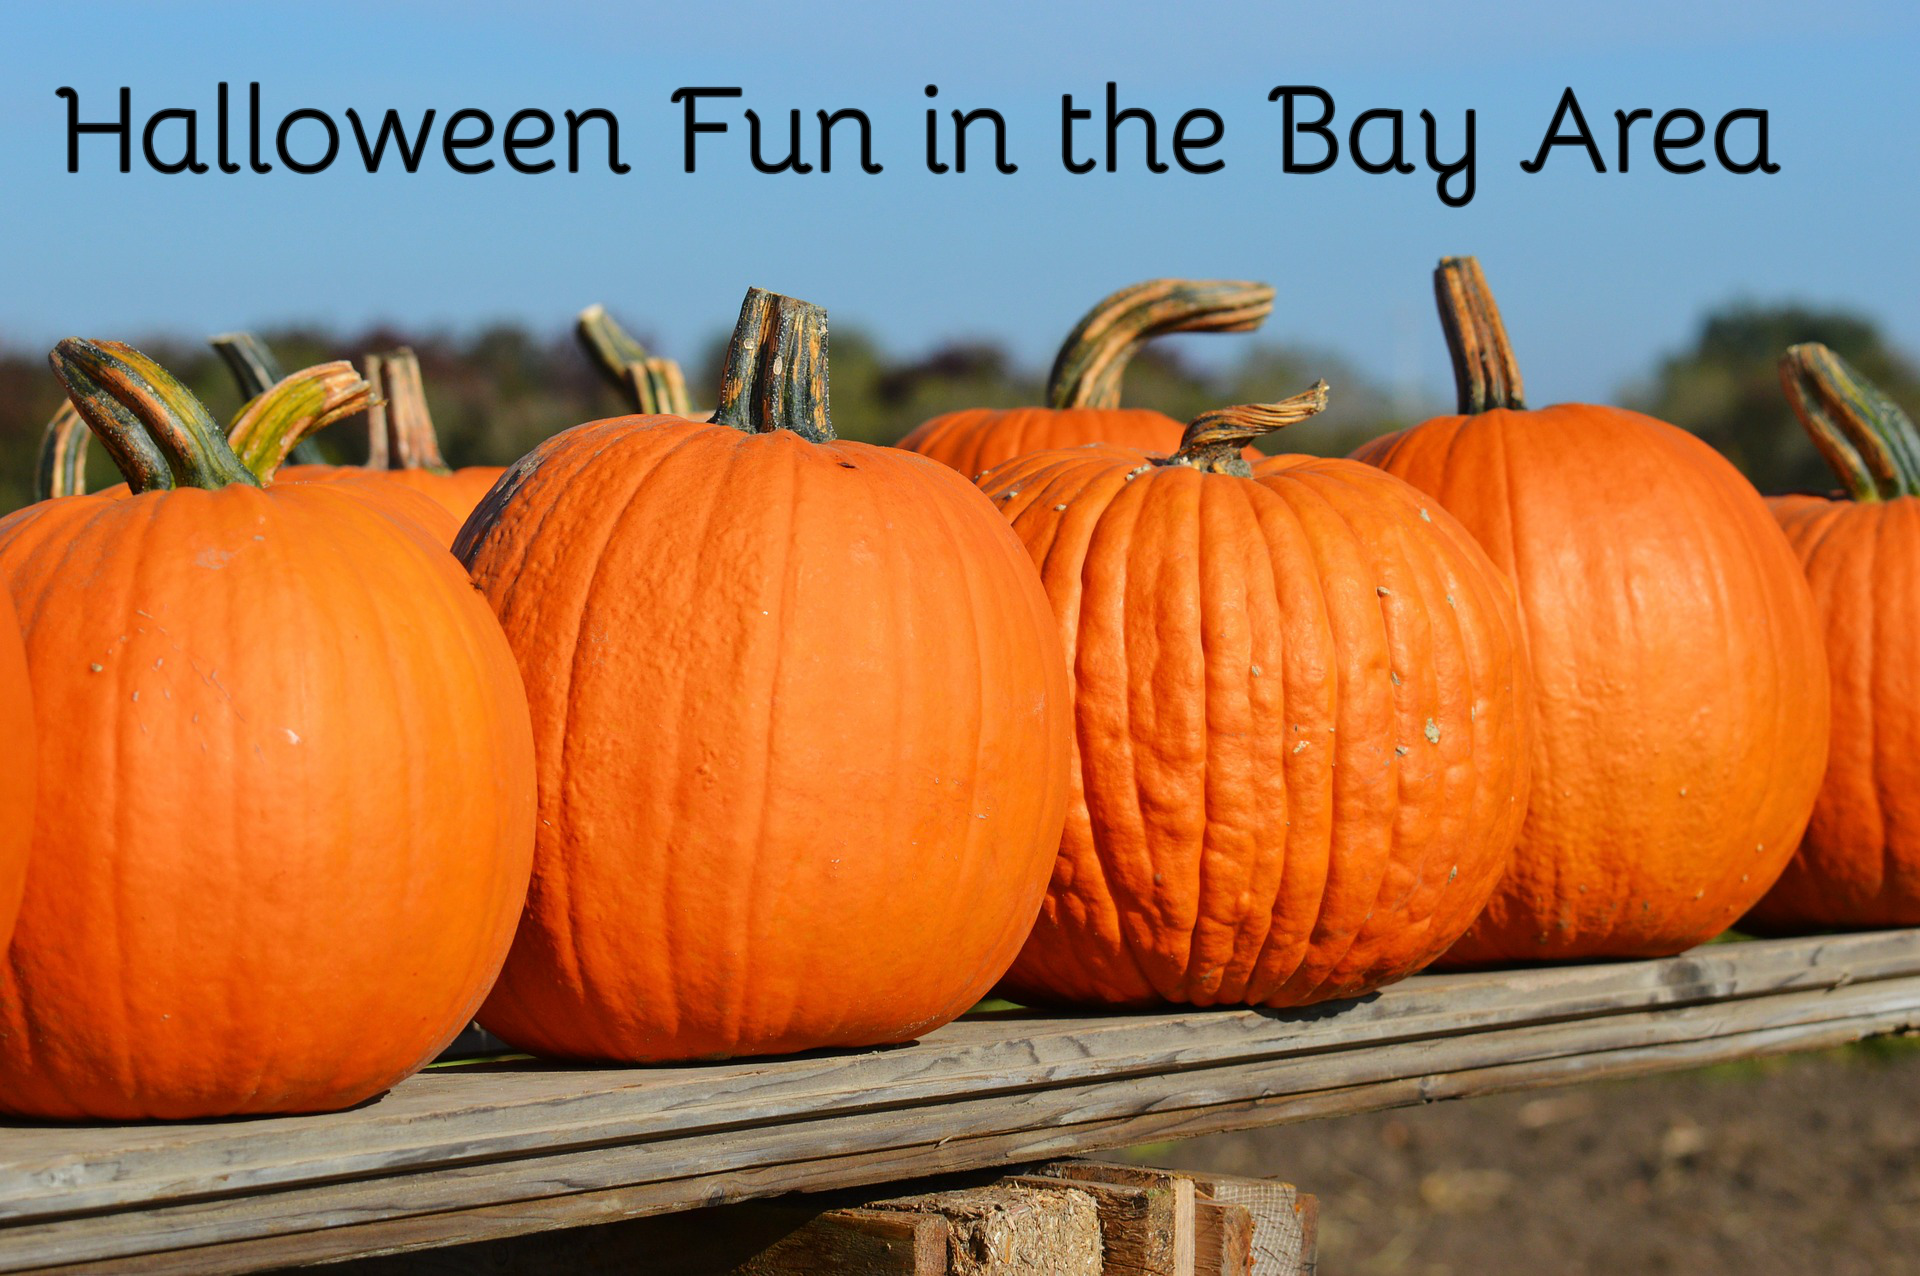 Halloween Fun in the Bay Area